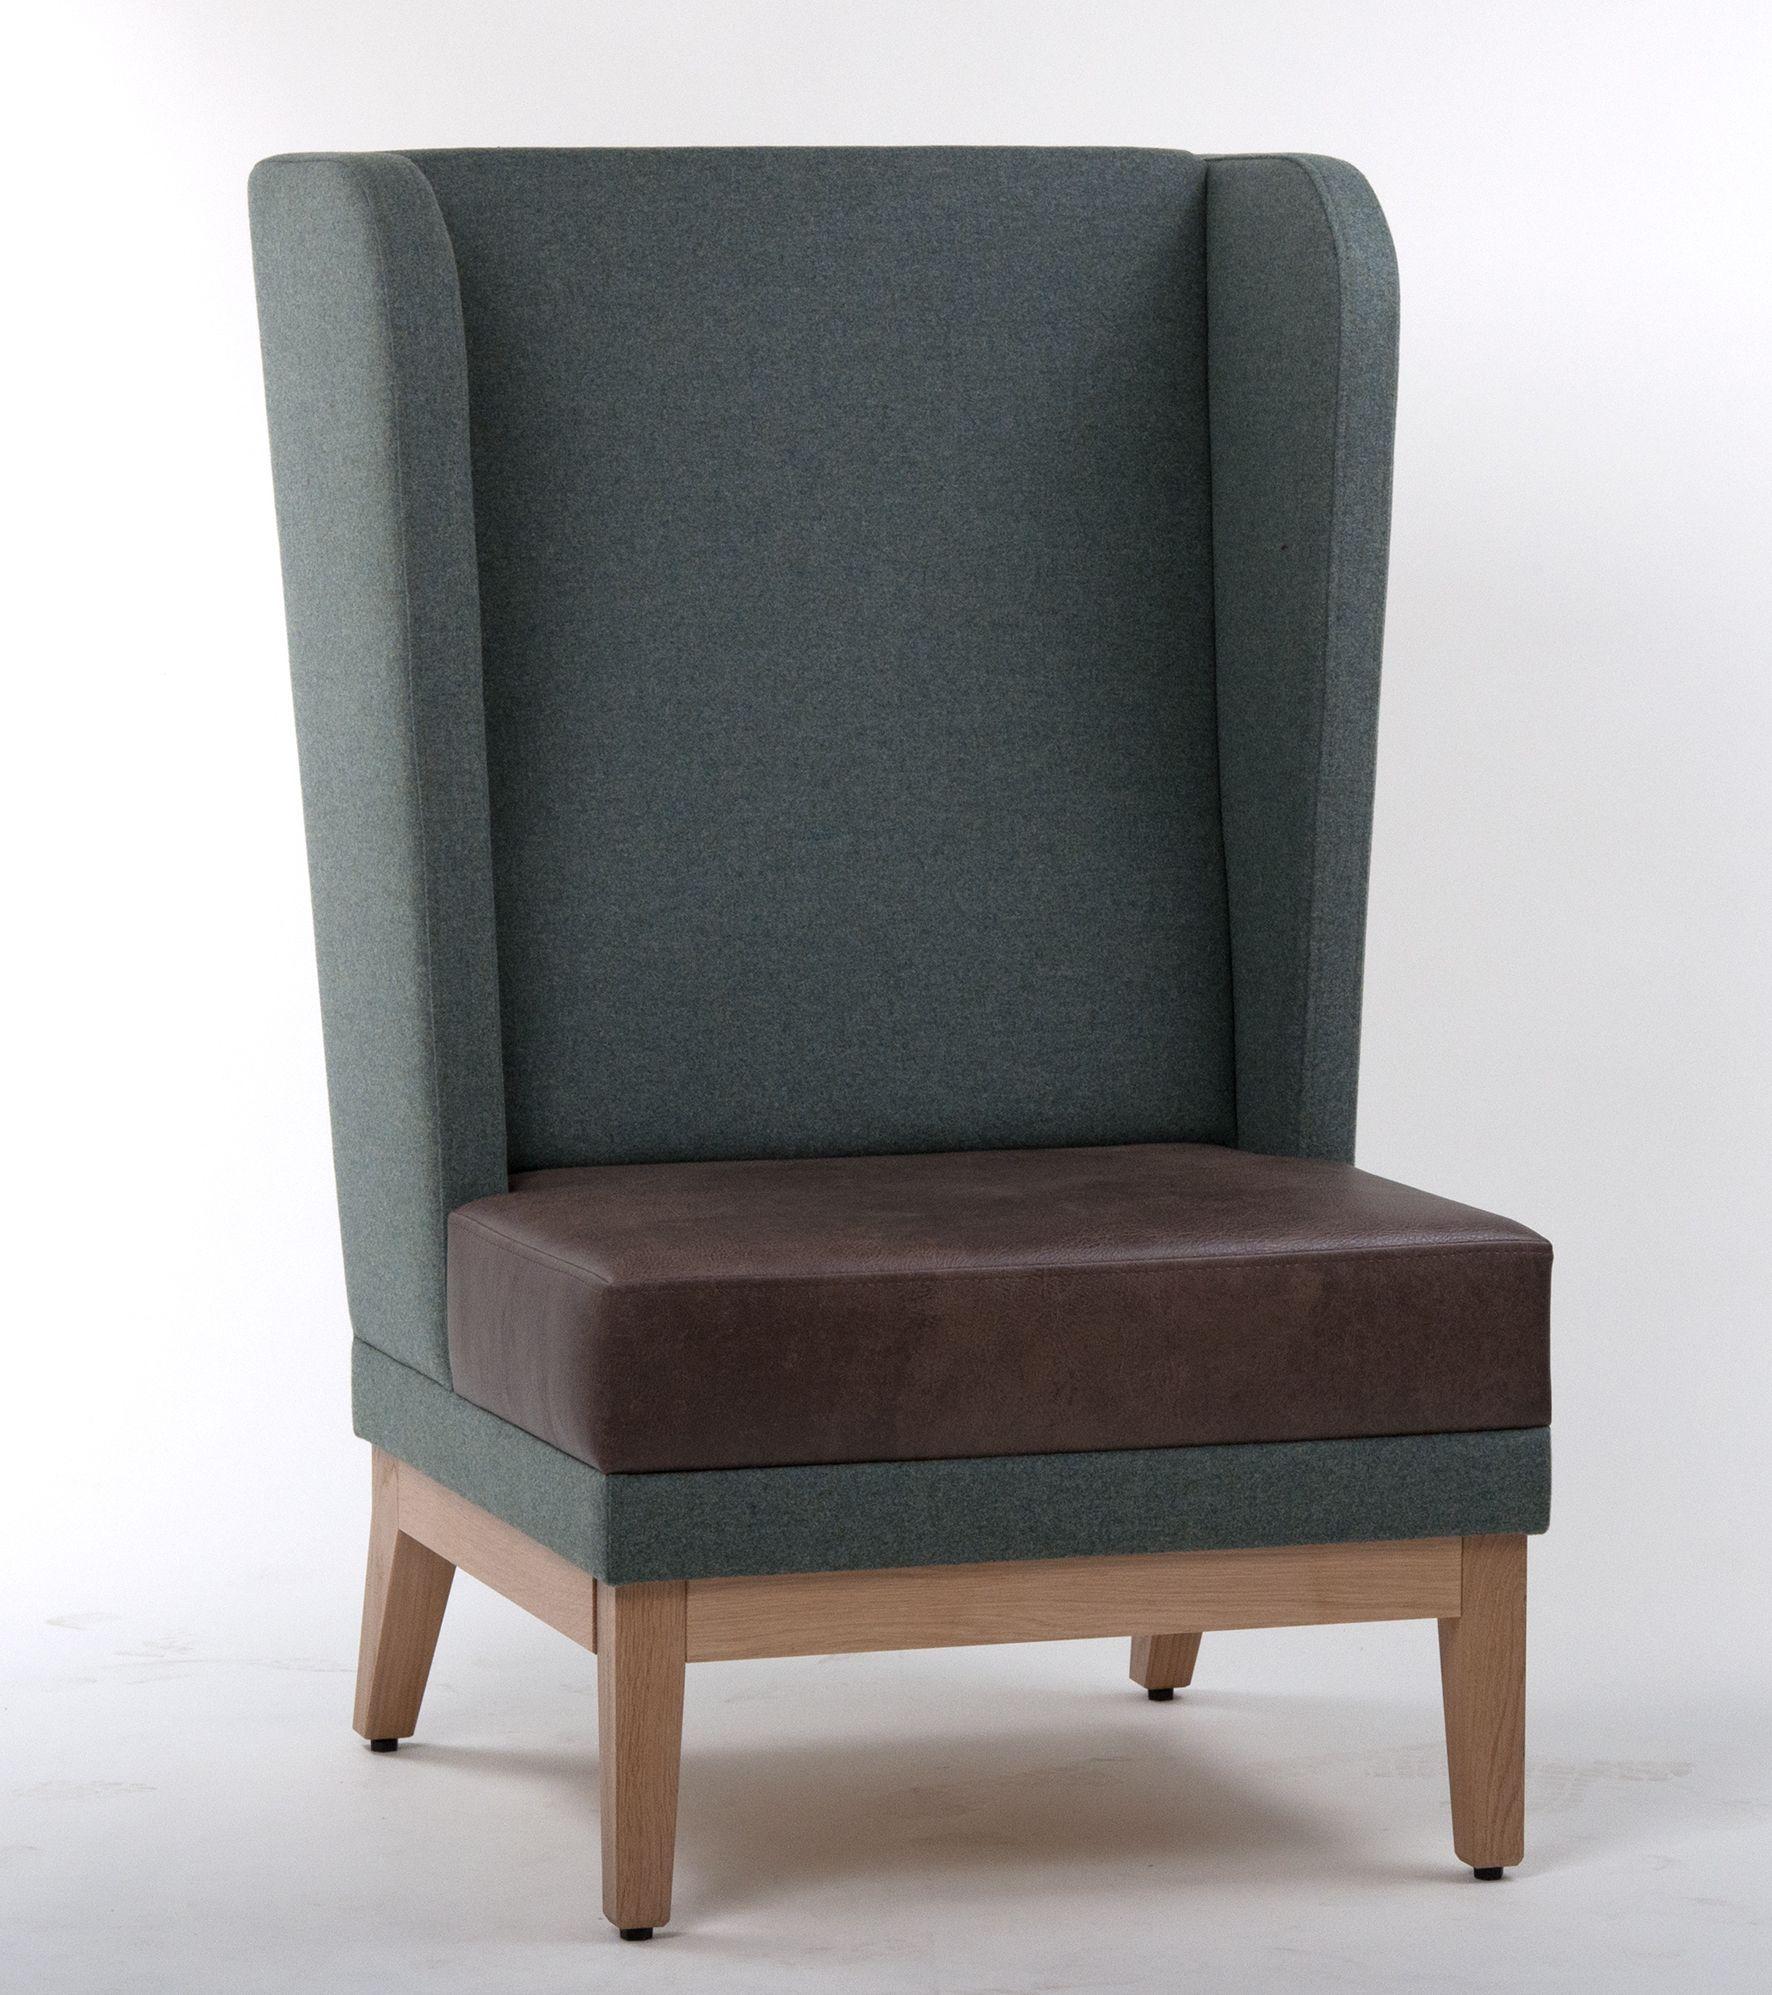 Bemerkenswert Schnieder Stuhlfabrik Referenz Von Gmbh